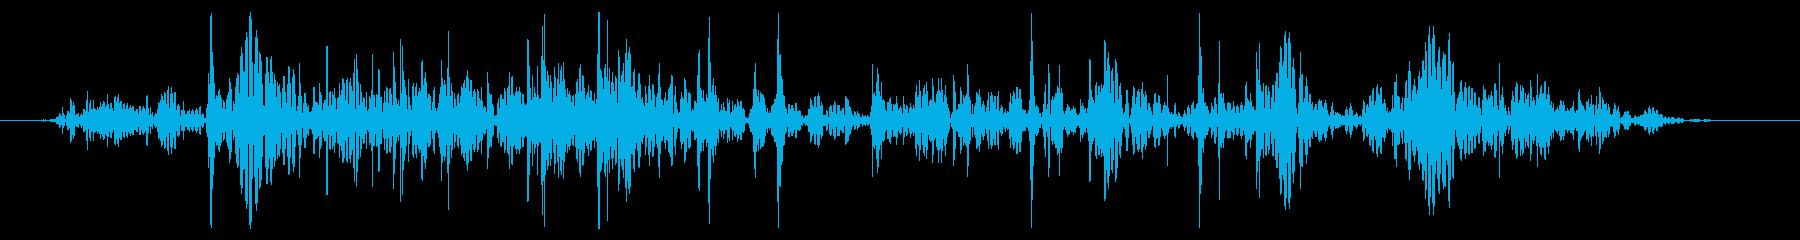 小さな岩:ロールオフパイルの動きの再生済みの波形